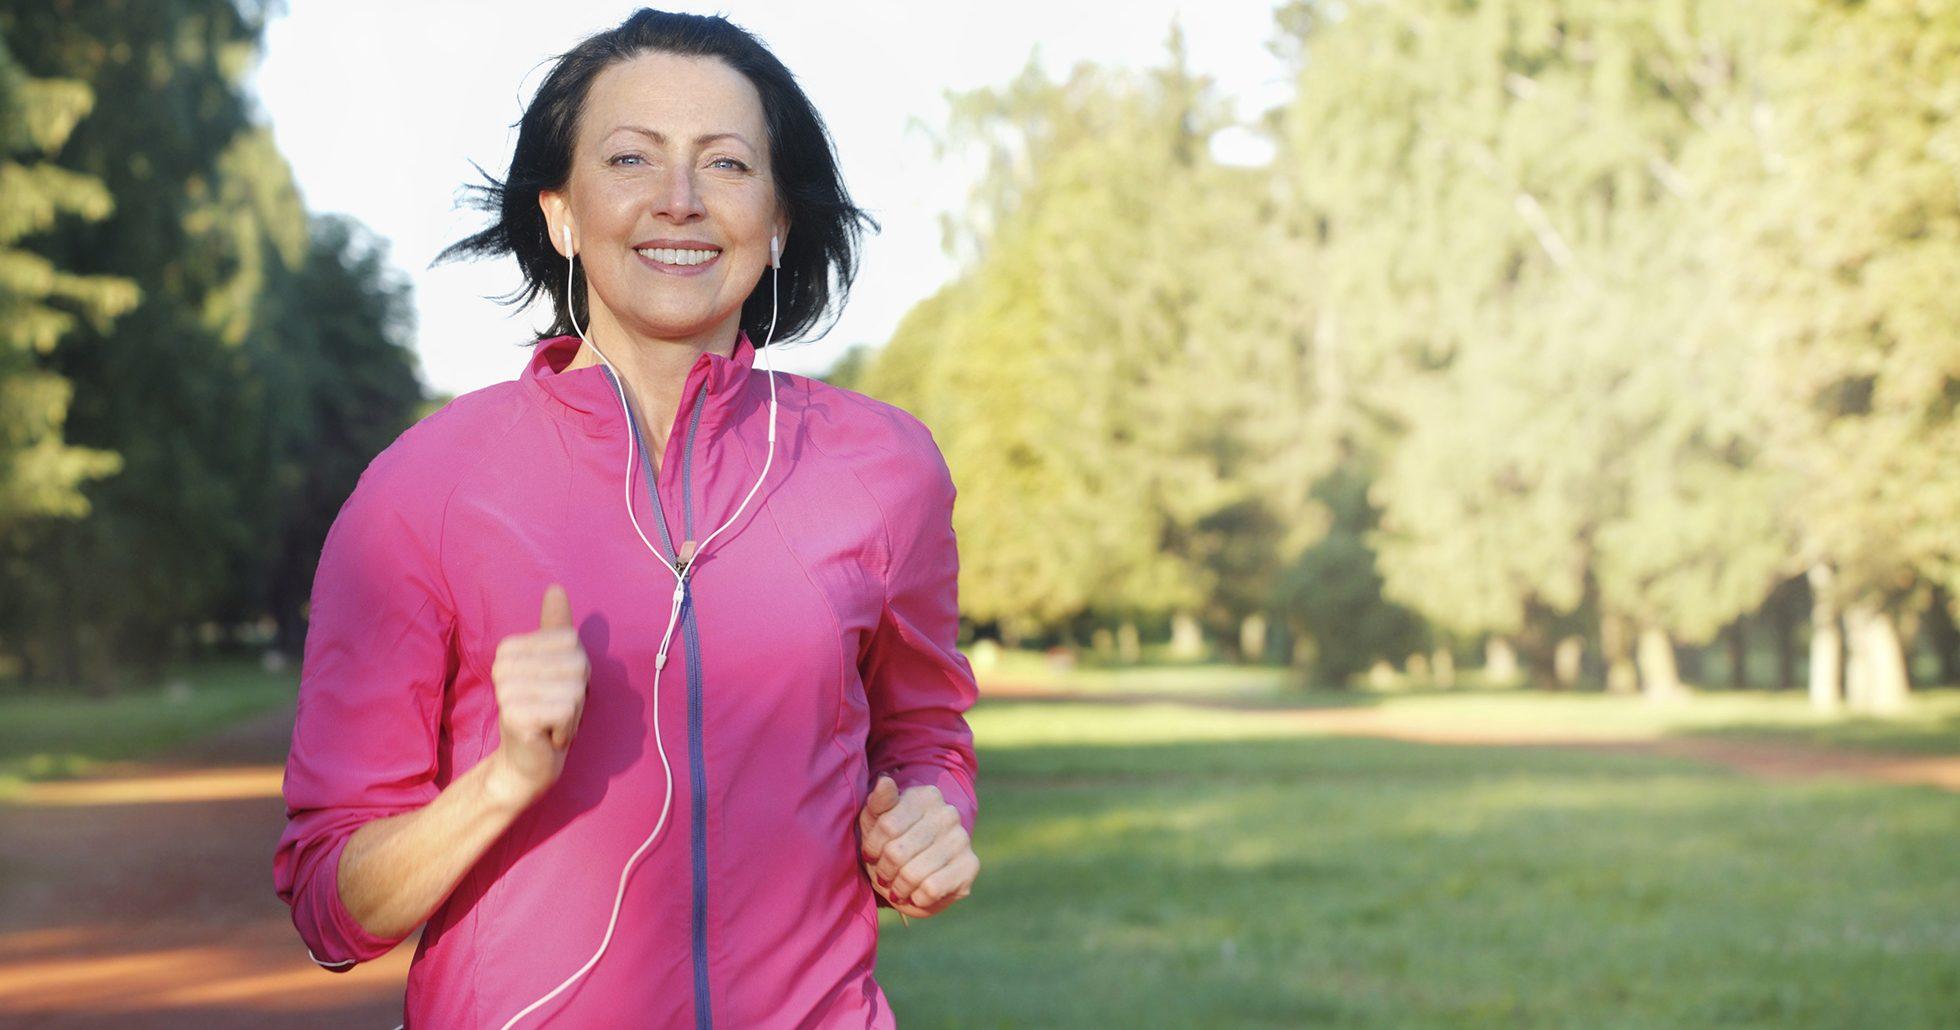 Kvinna joggar i park